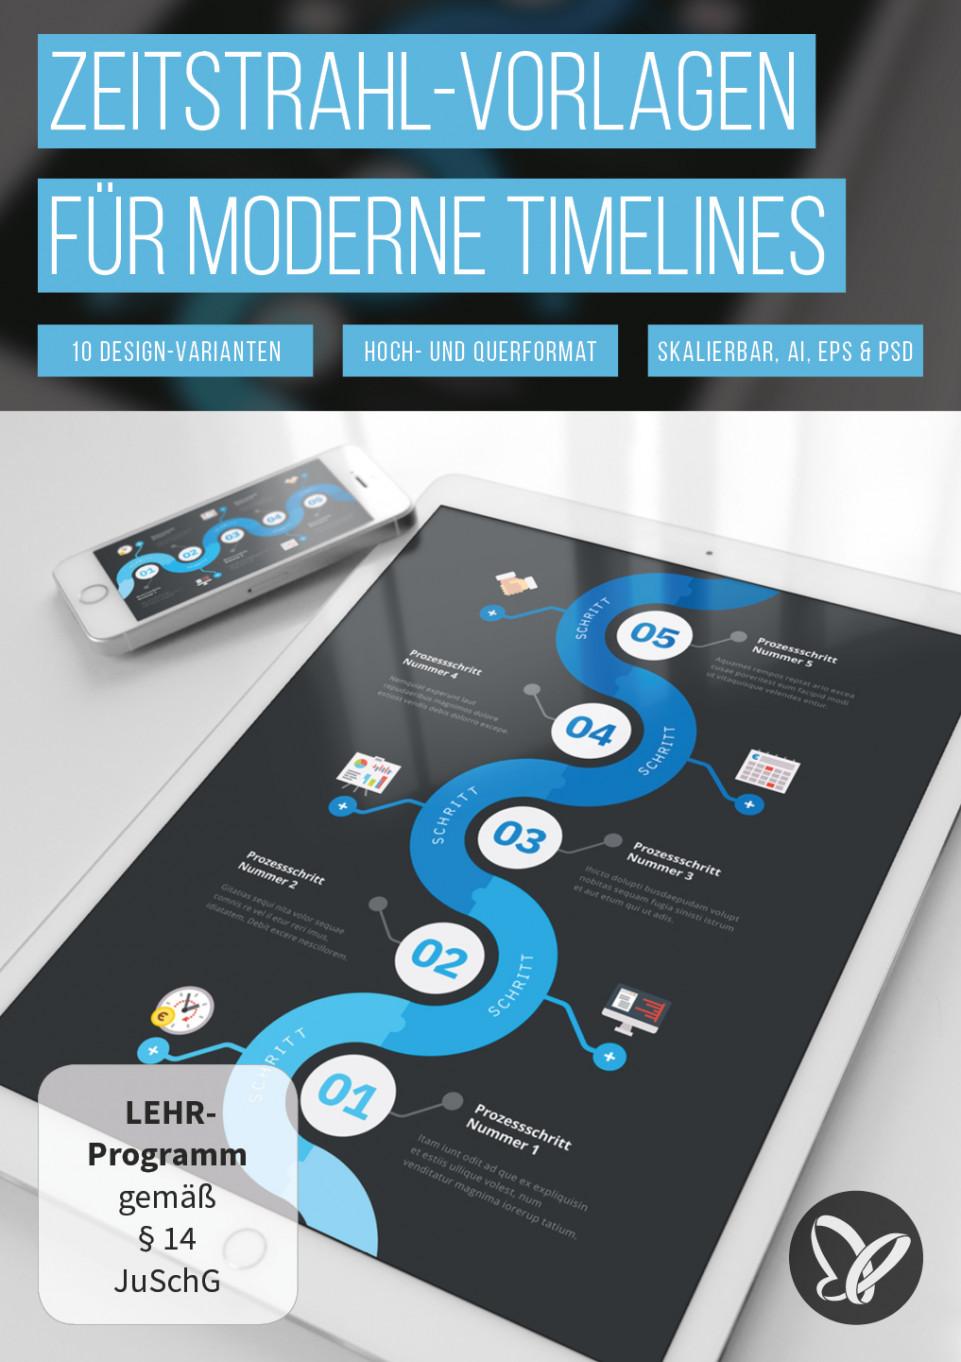 Zeitstrahl-Vorlagen: Moderne Timelines erstellen